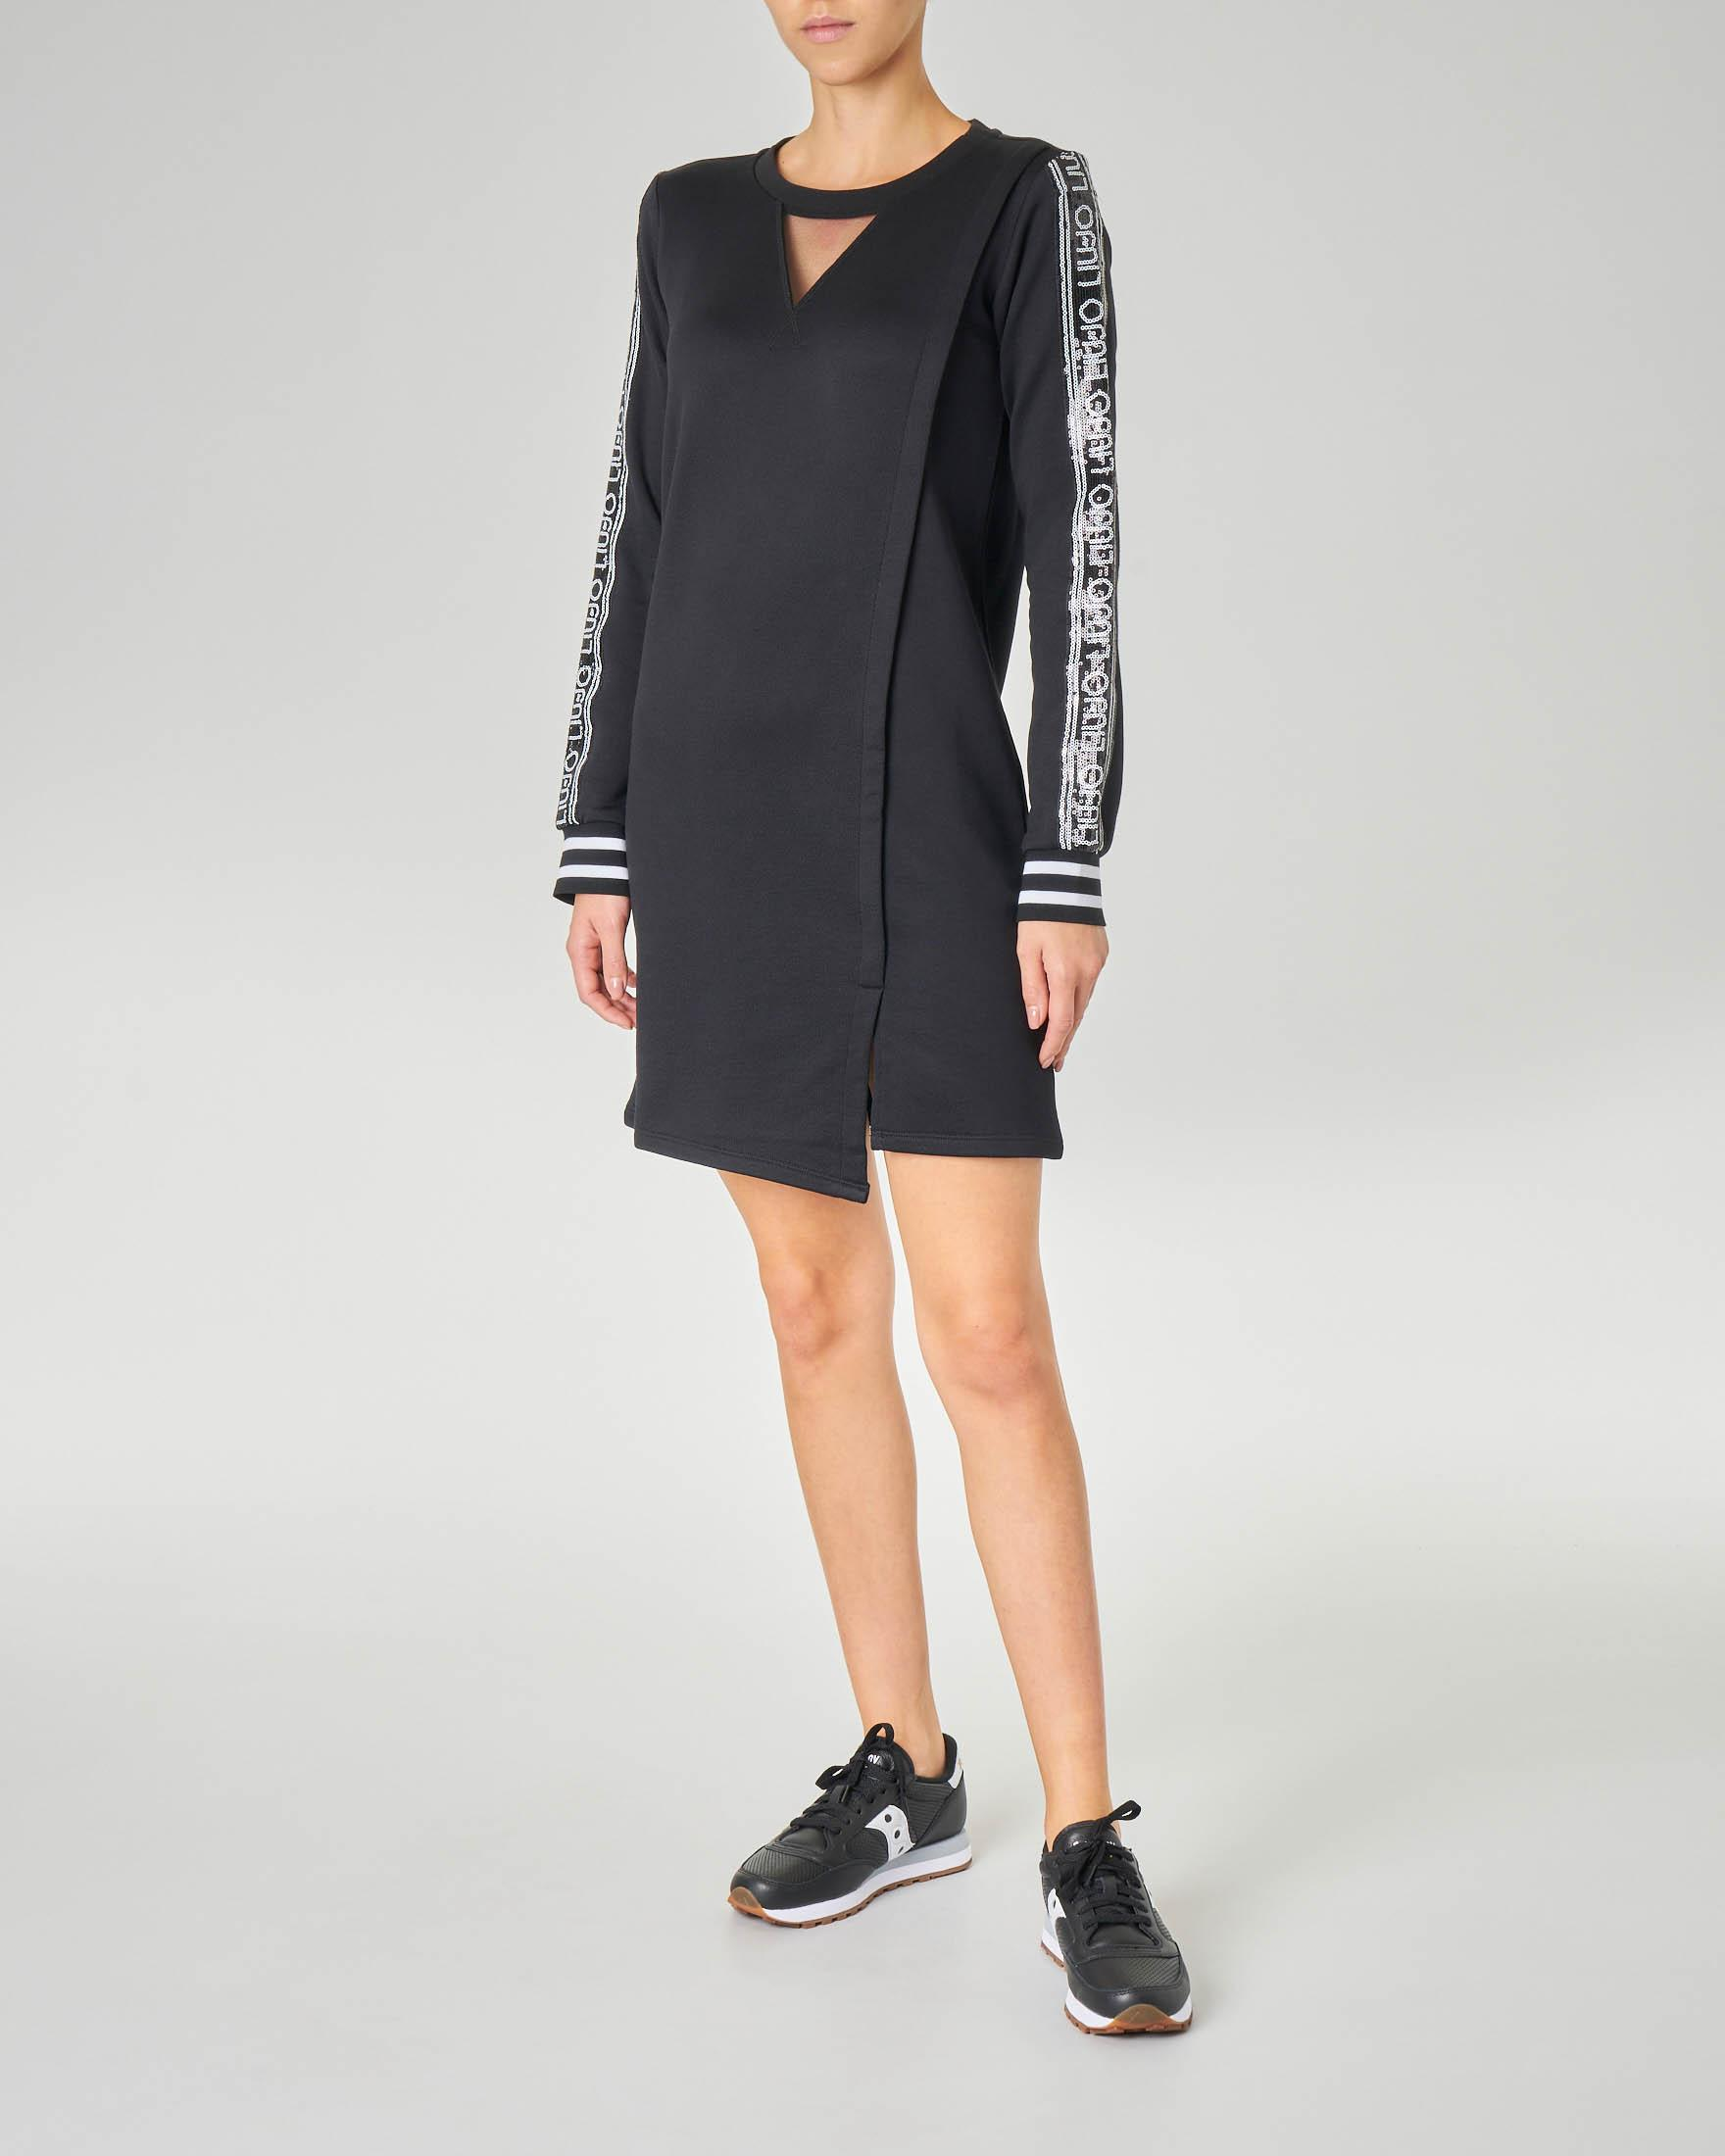 Abito nero corto manica lunga in jersey di cotone con scritta logo continua laterale e inserto in rete